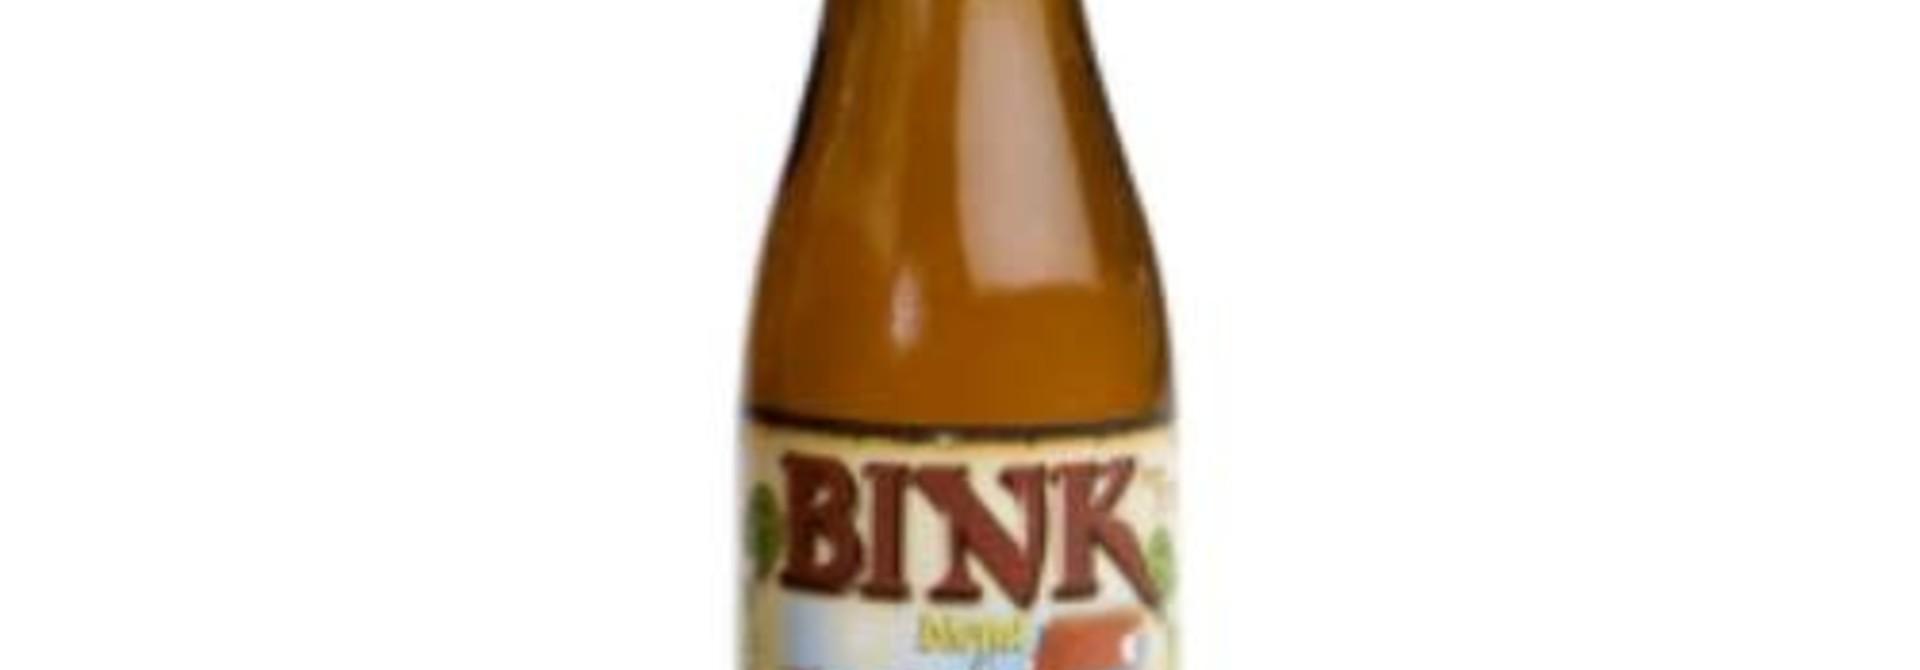 BINK BLOND 33CL